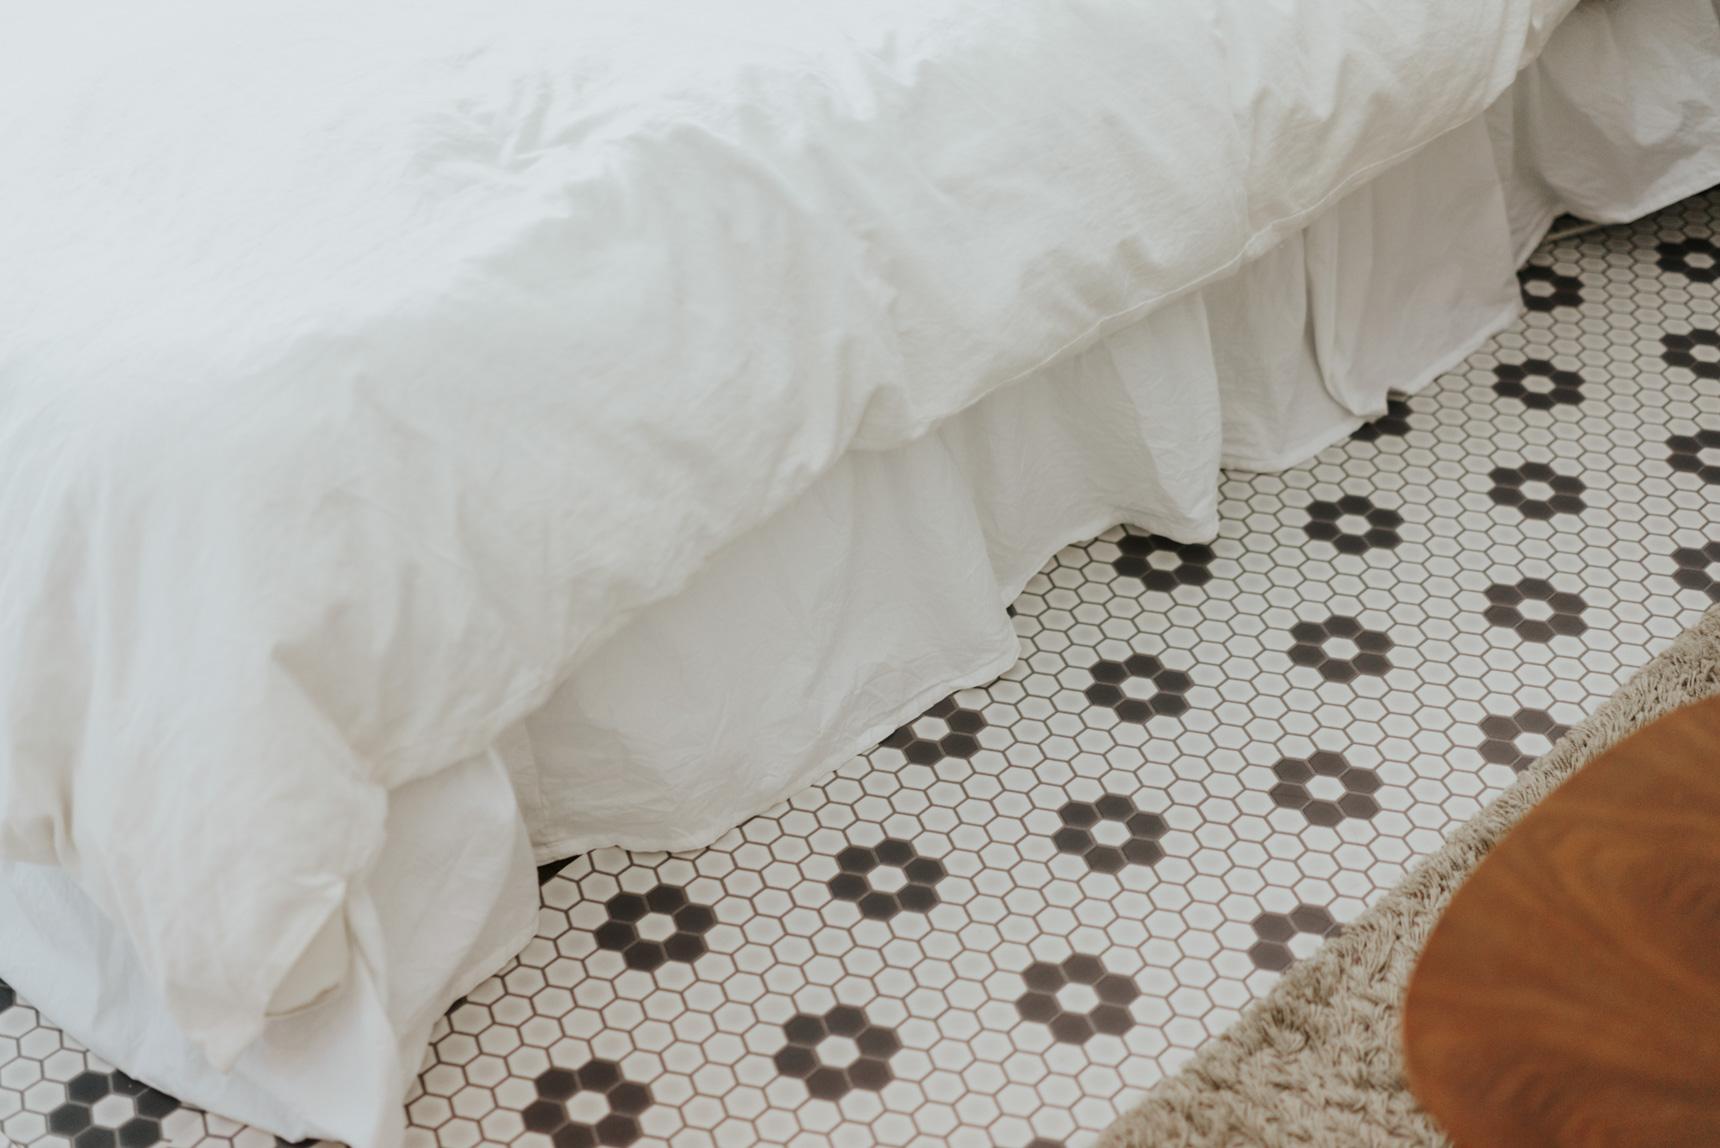 「ベッドスカート」と呼ばれるカバーをかけて「きちんと隠す」ことでも、印象を変えられます。(このお部屋はこちら)